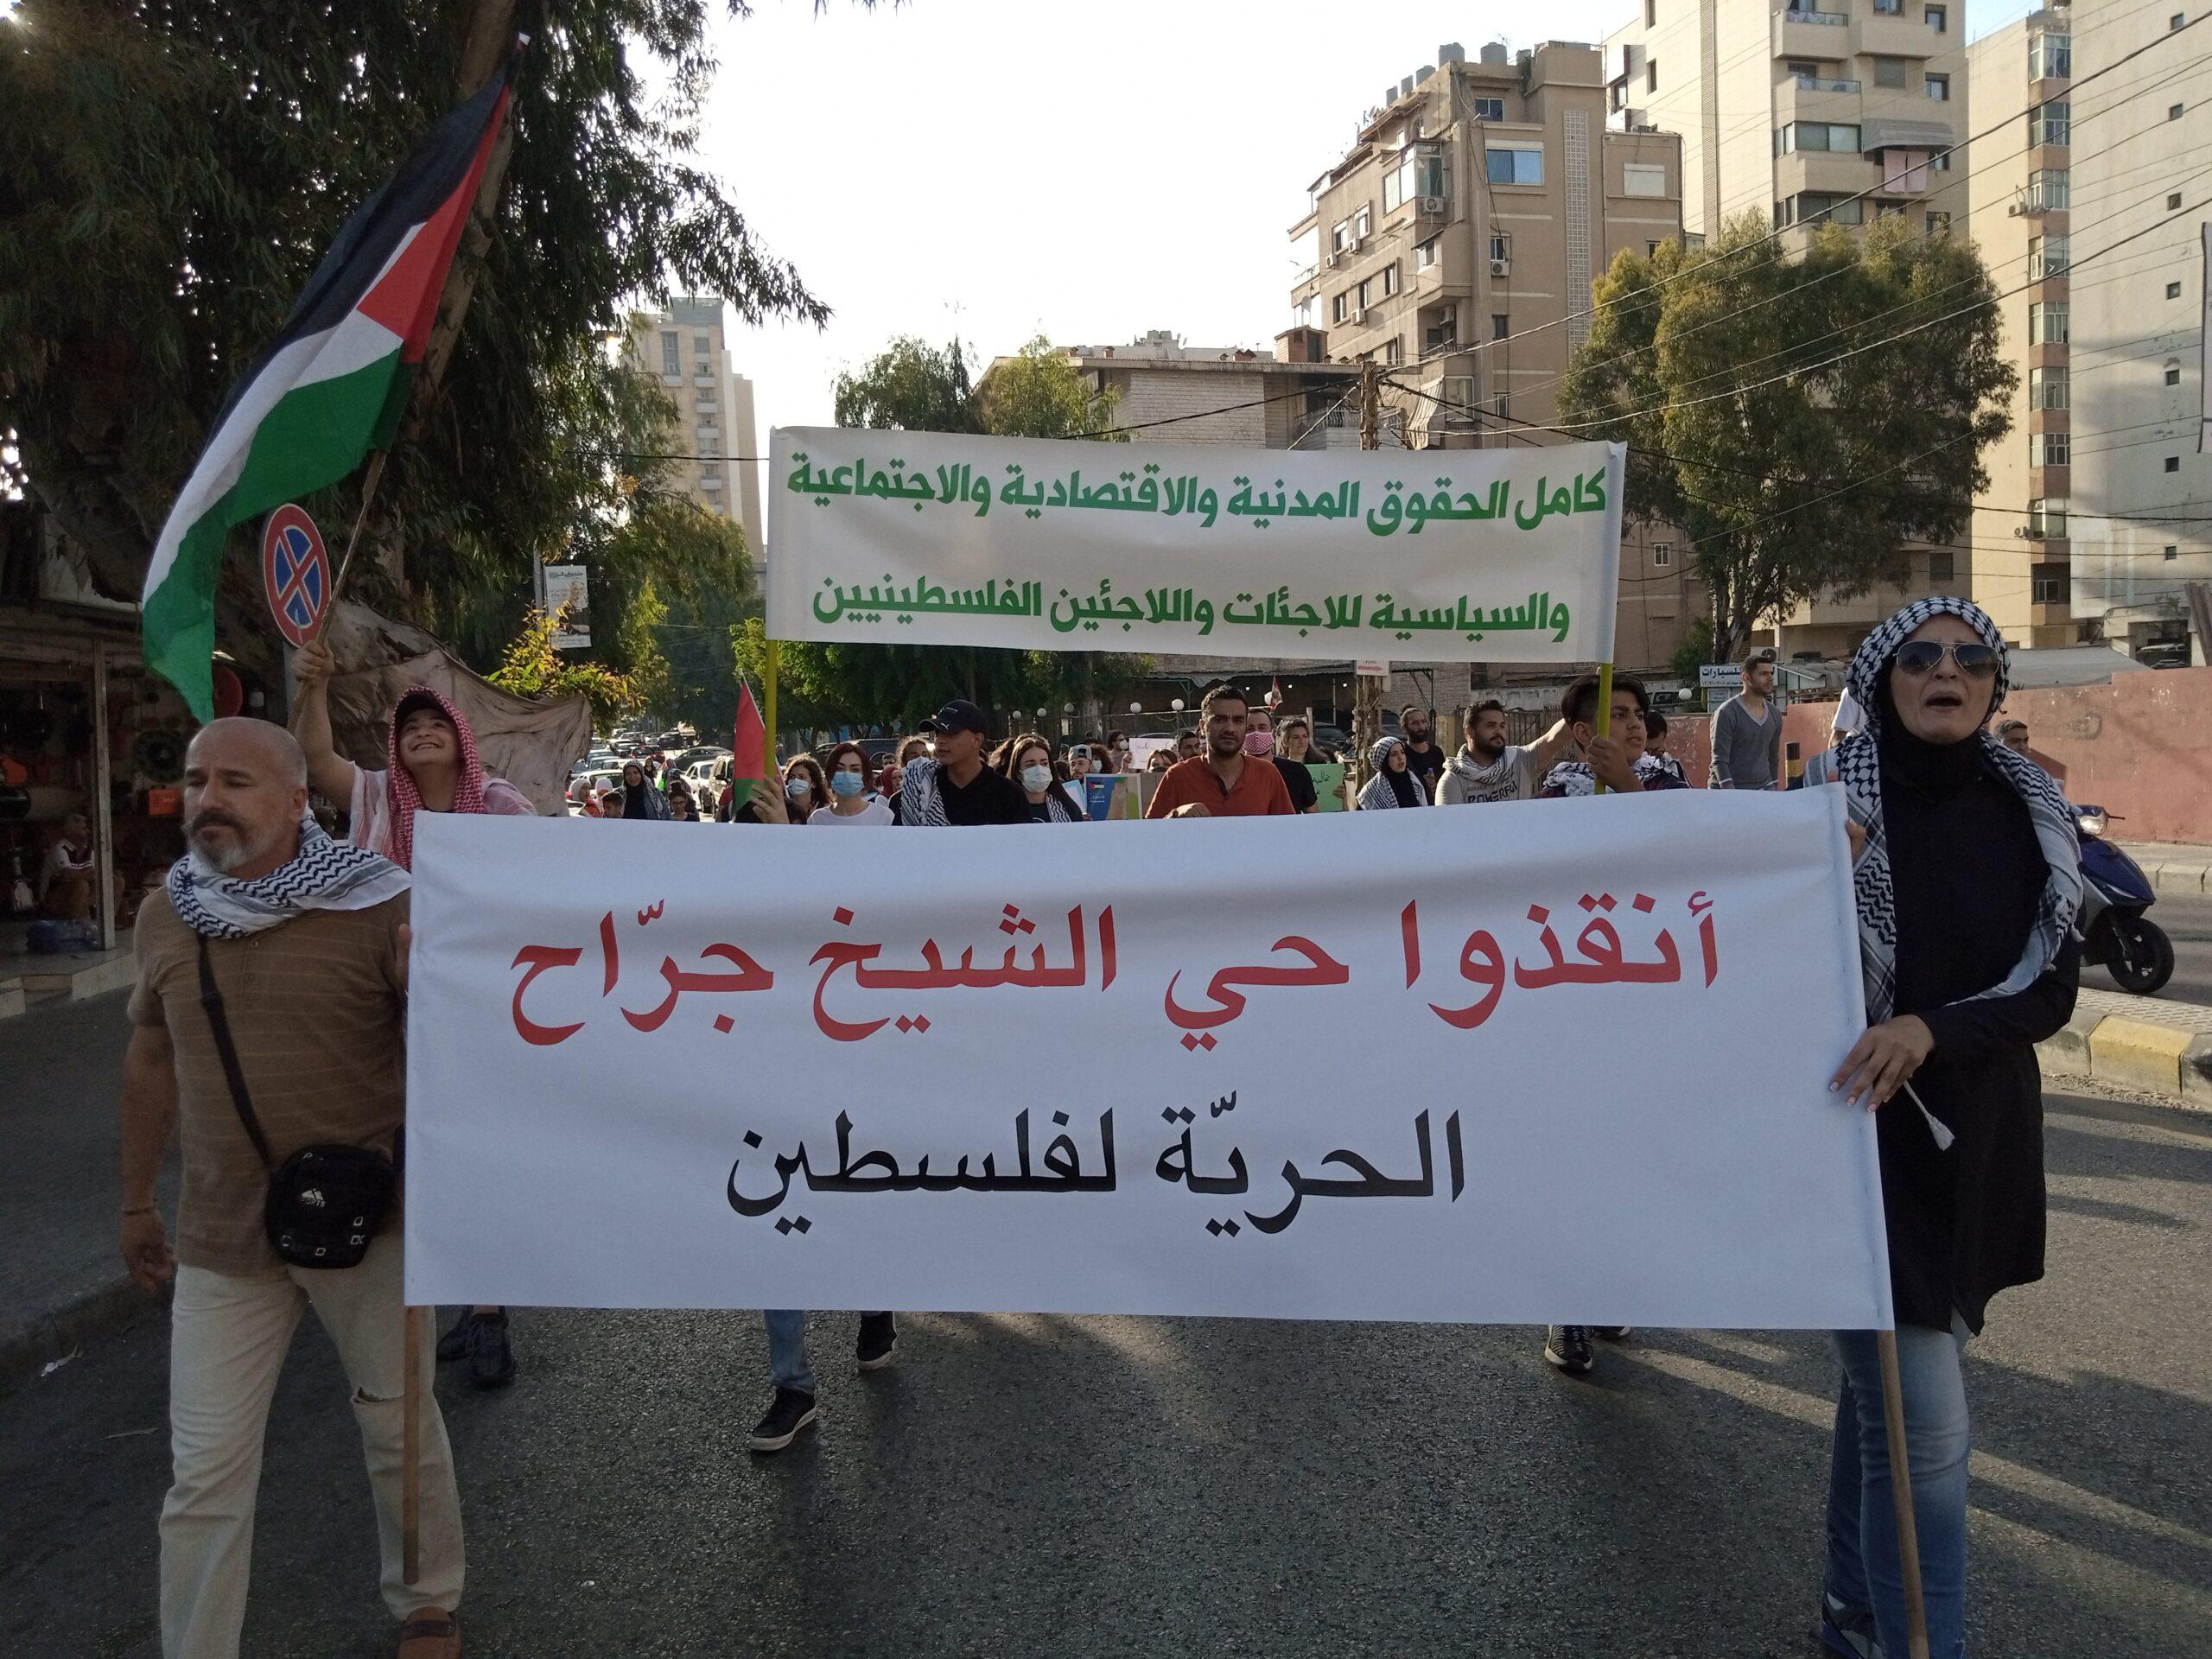 لبنان يتضامن مع فلسطين في شتّى الميادين